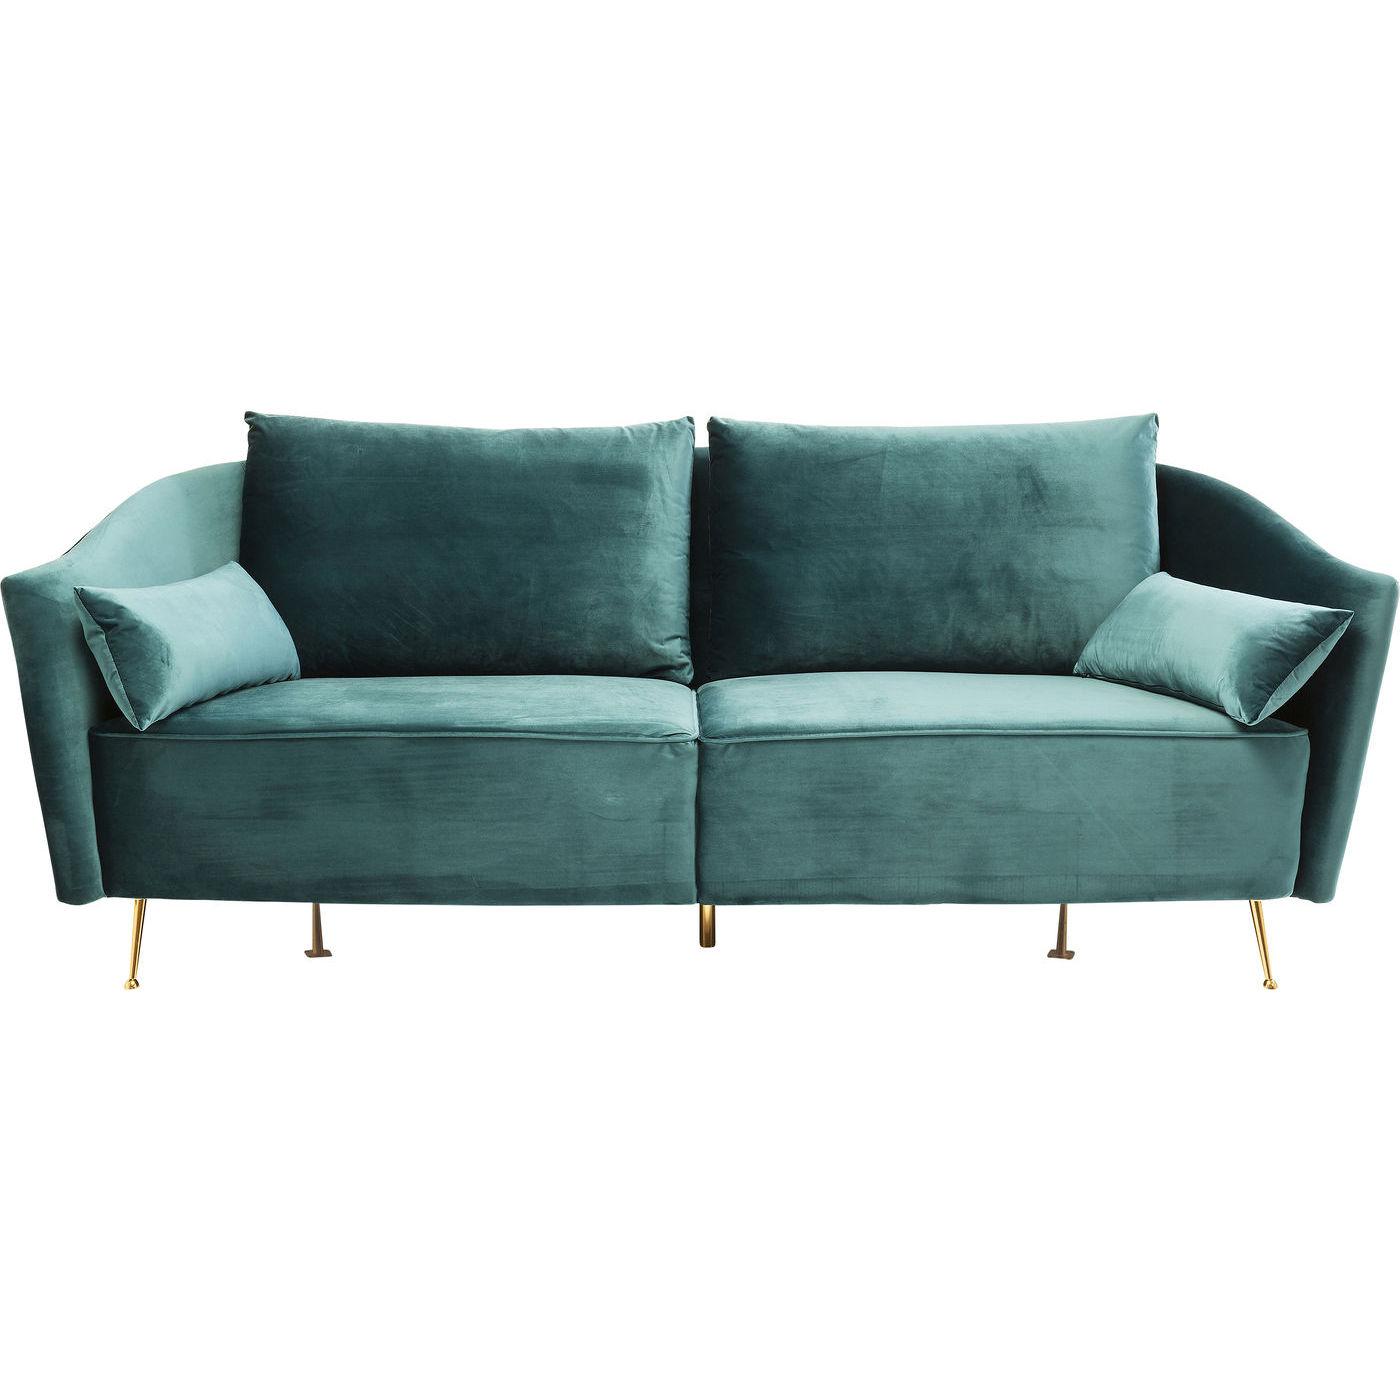 kare design Kare design vegas forever bluegreen 3-personers sofa - blå/grønt stof og guld stål, m. armlæn på boboonline.dk